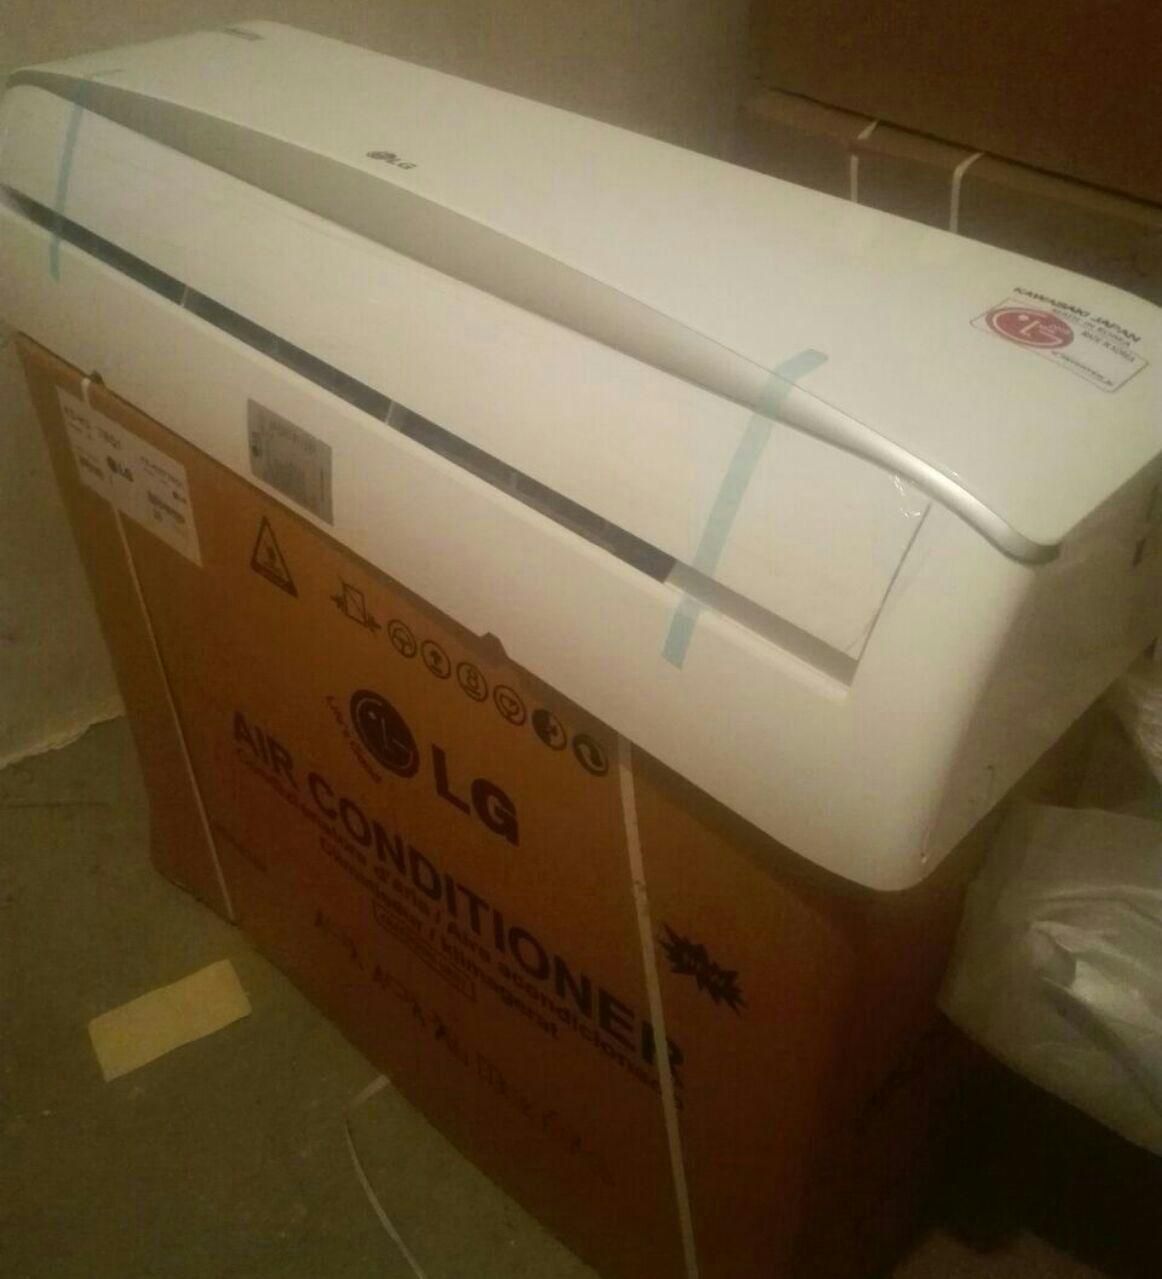 کولر گازی ال جی LG سرمایشی گرمایشی کم مصرف با لوله و کابل رایگان